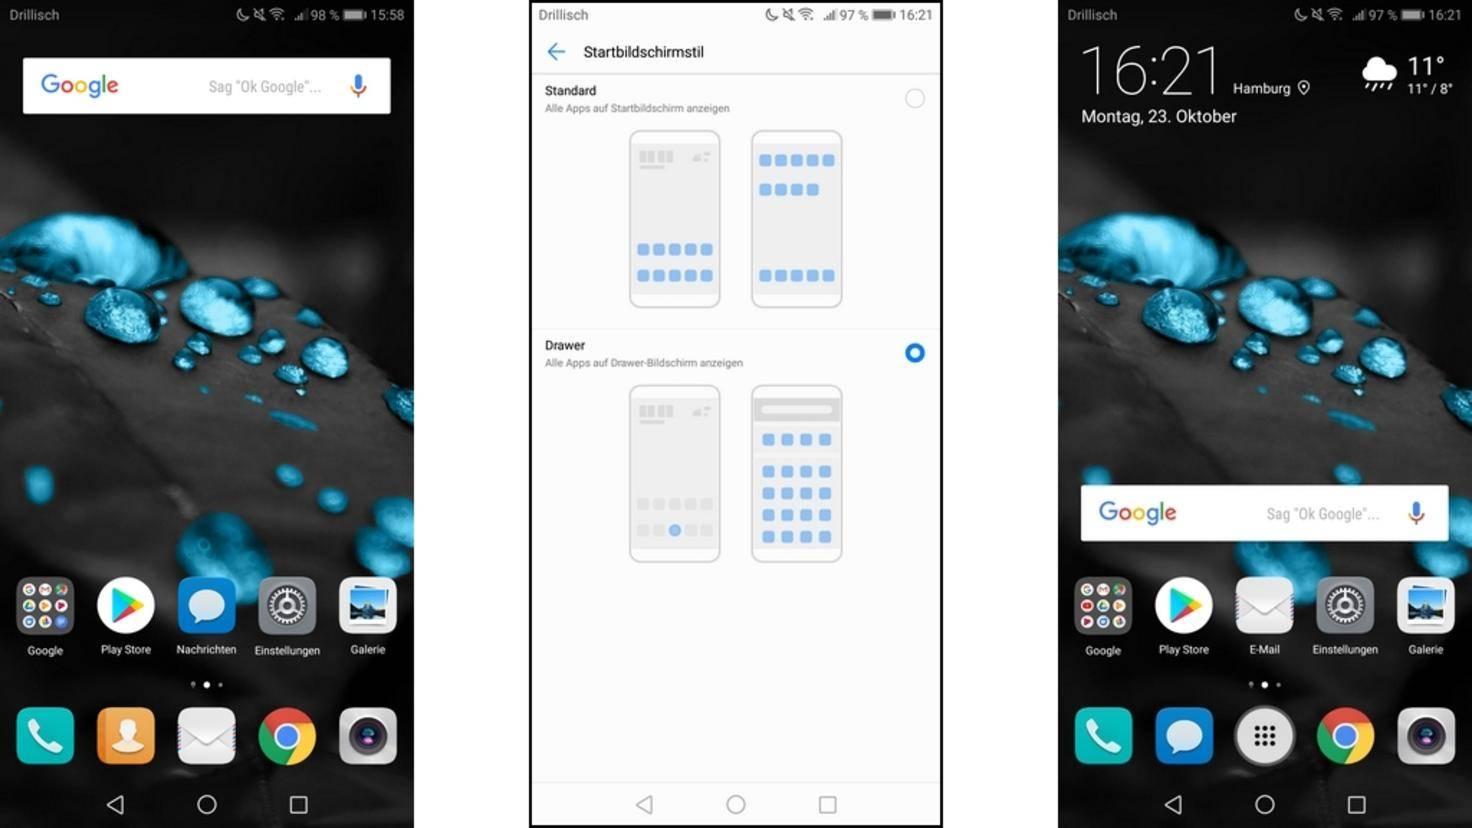 Huawei-Mate-10-Pro-Screen-05